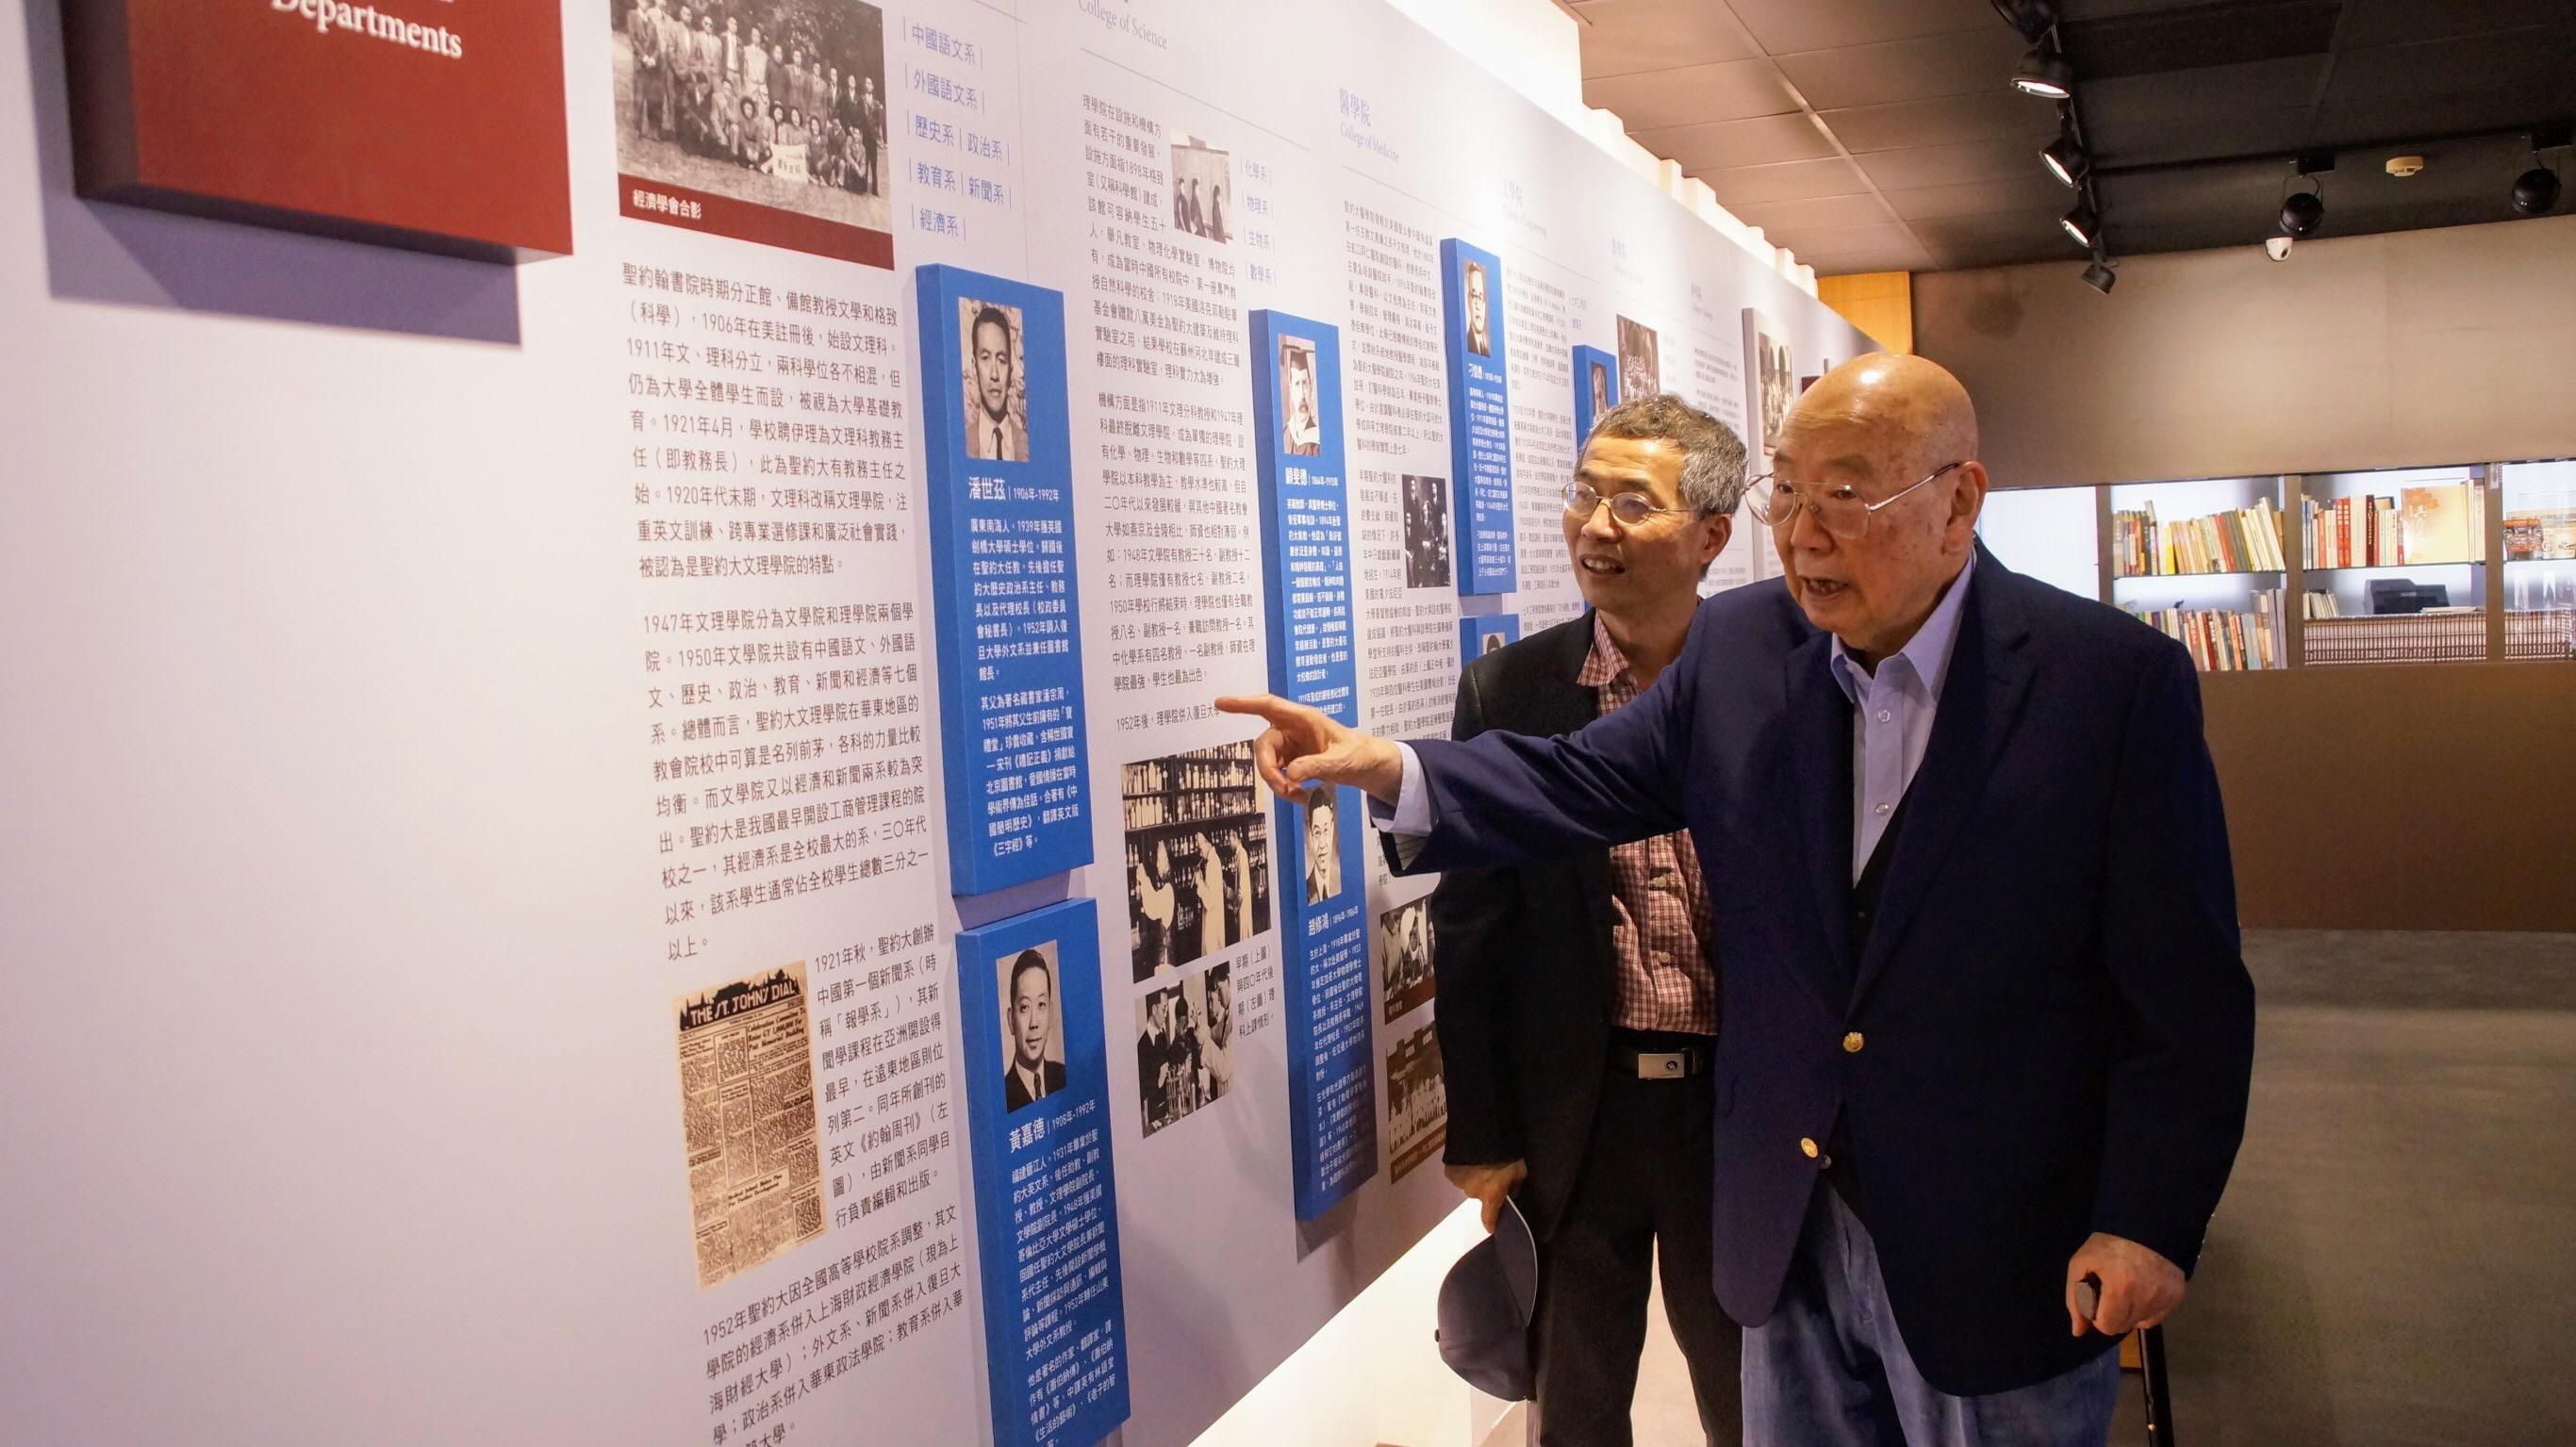 香港達思航空總裁造訪聖約翰科大 捐資興學嘉惠學子-上海聖約翰大學